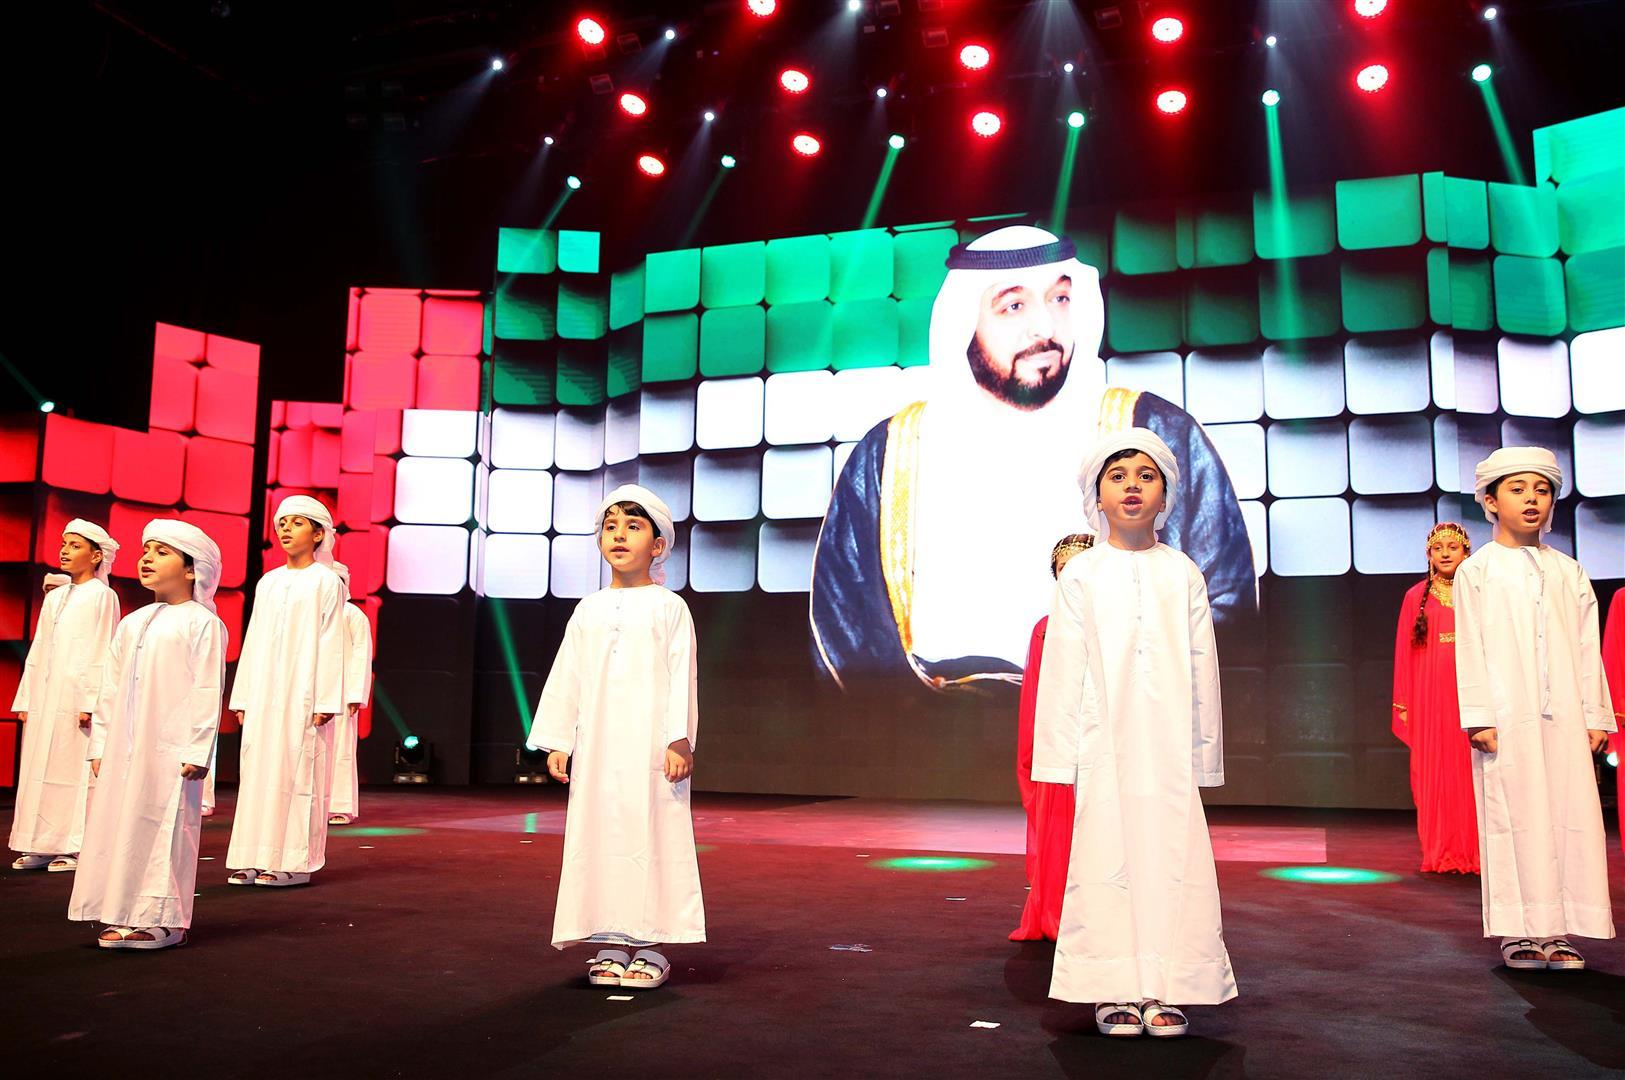 نهيان بن مبارك : أولمبياد الضباط واجهة حضارية للدولة